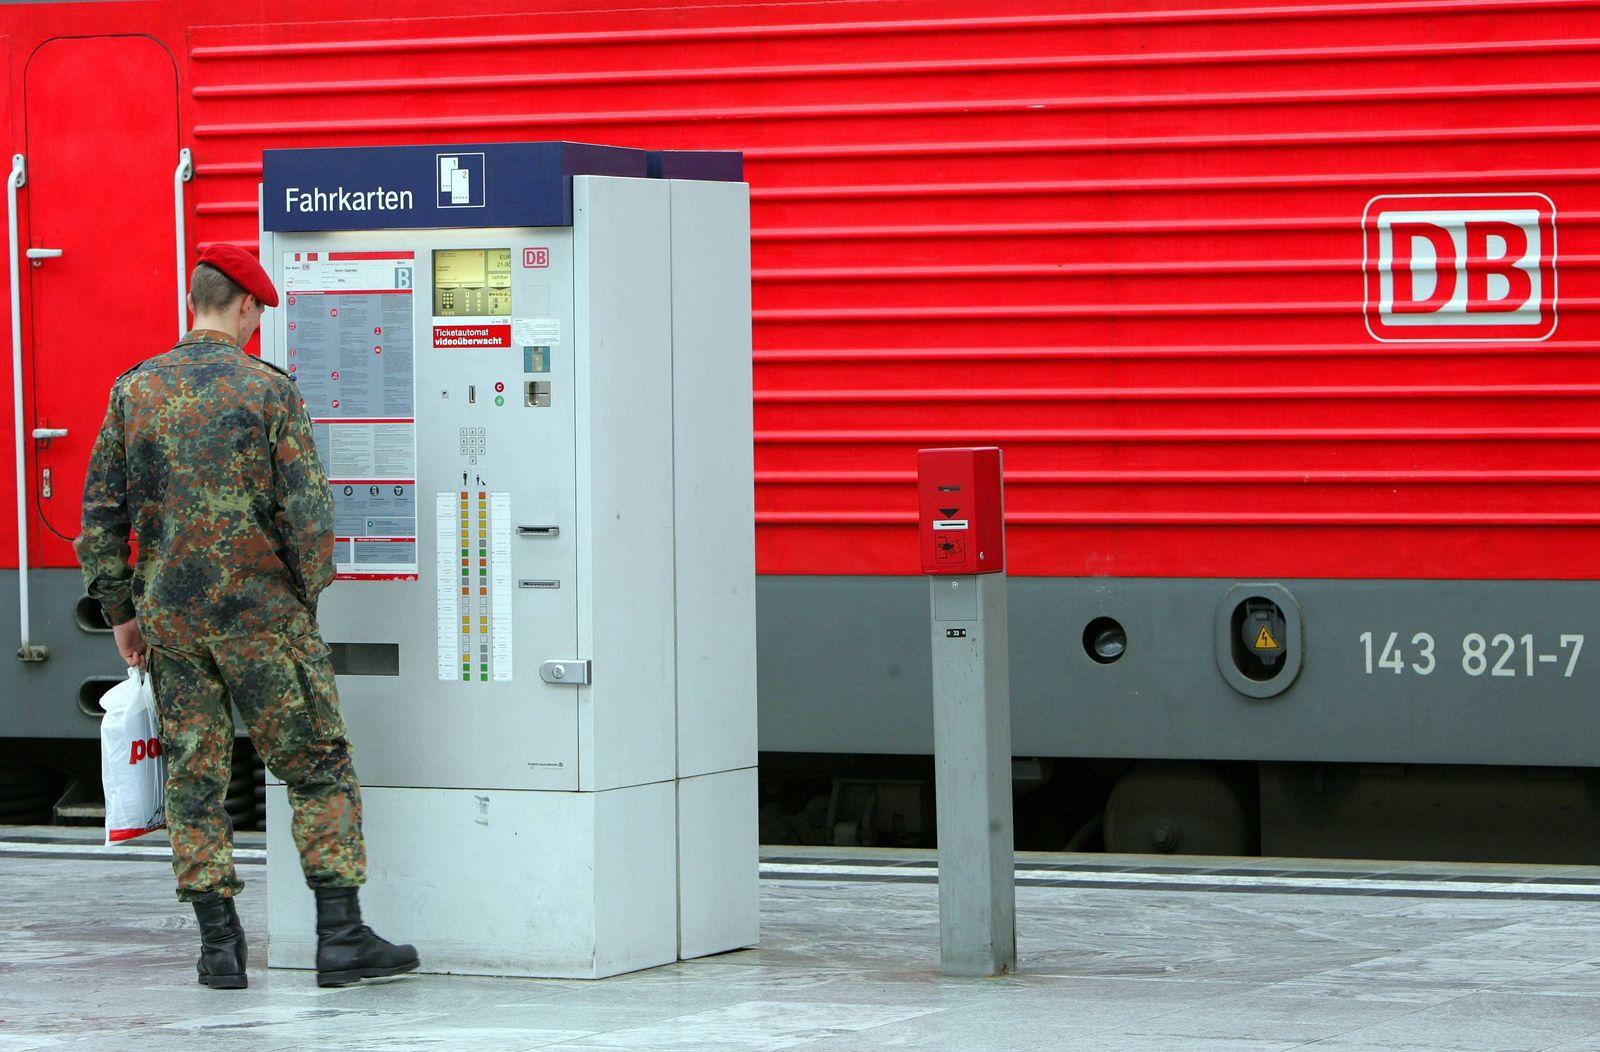 EINMALIGE VERWENDUNG Bundeswehr/ Deutsche Bahn/ Fahrkarten